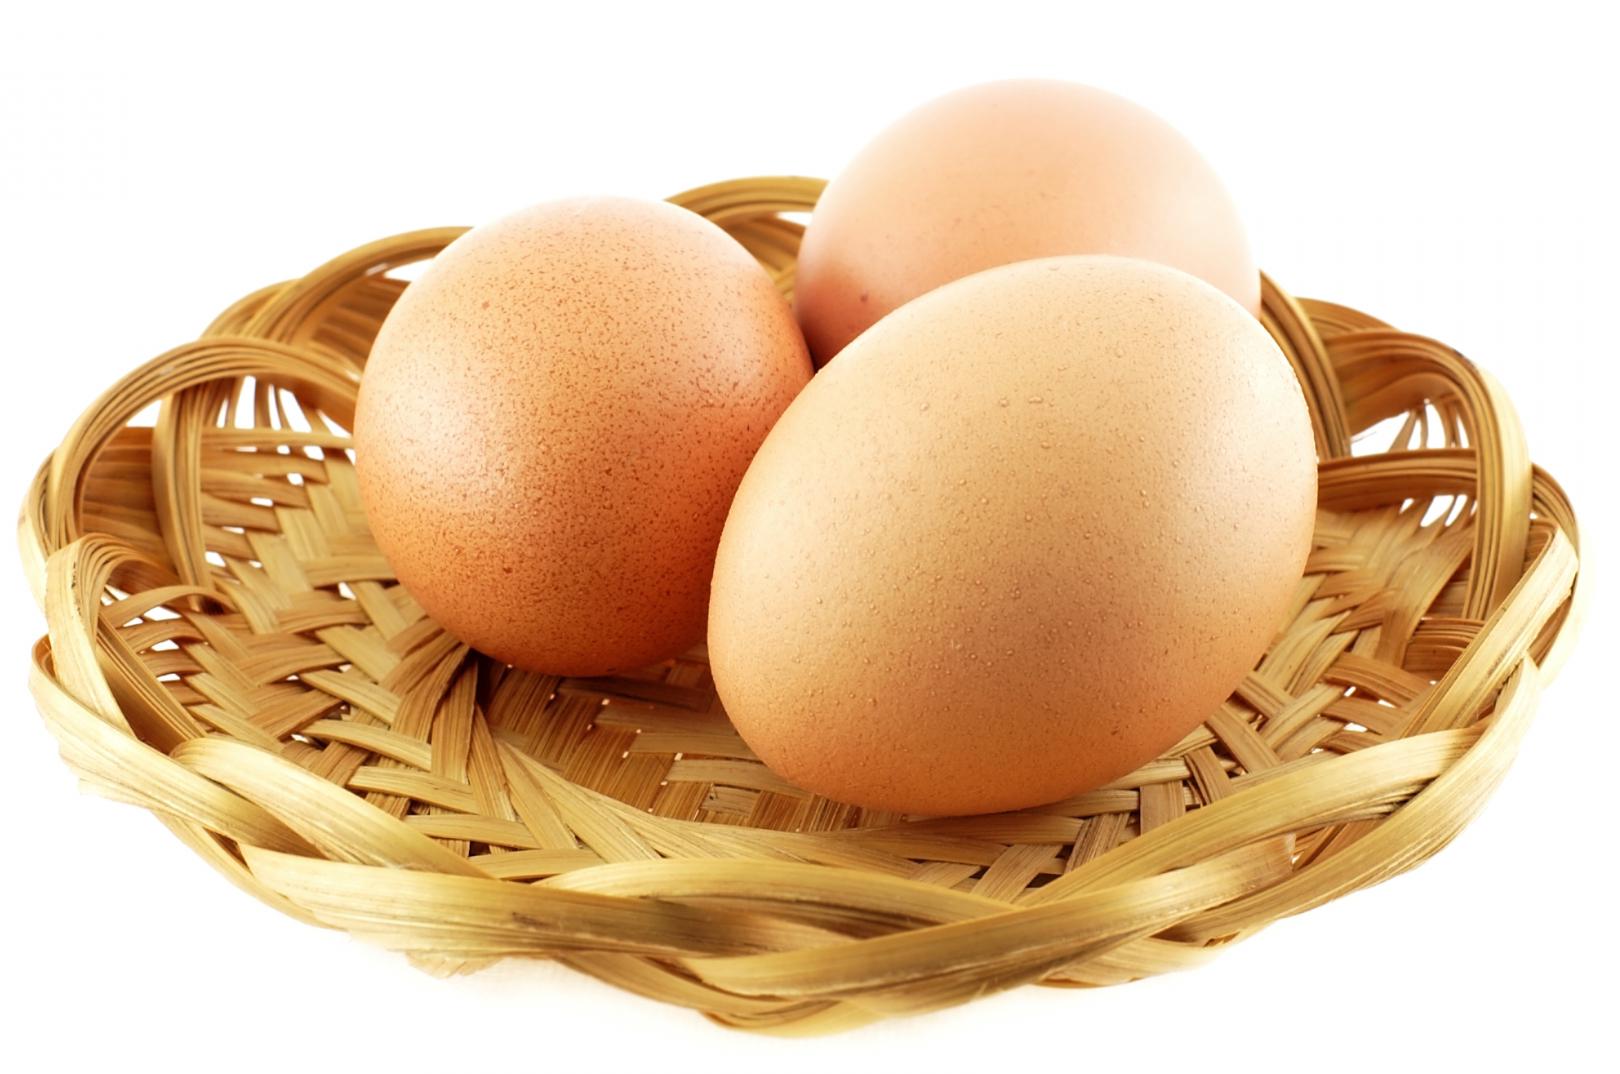 99% phụ nữ Việt mắc thói quen 'chết người' khi kết hợp trứng với những thực phẩm này  - Ảnh 1